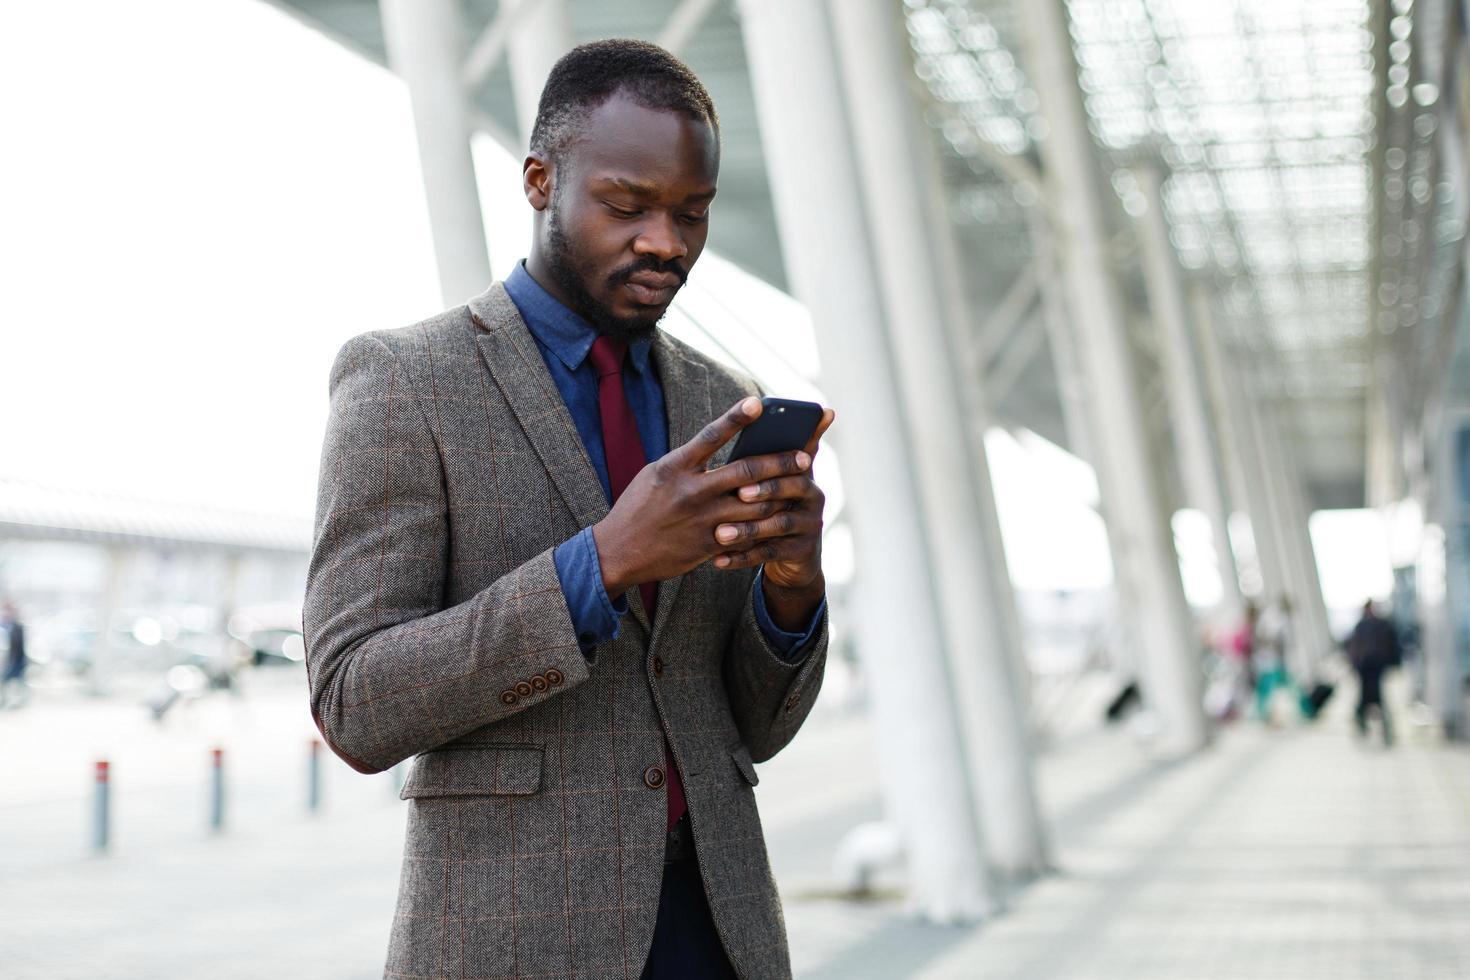 homme d & # 39; affaires en tapant sur son téléphone photo